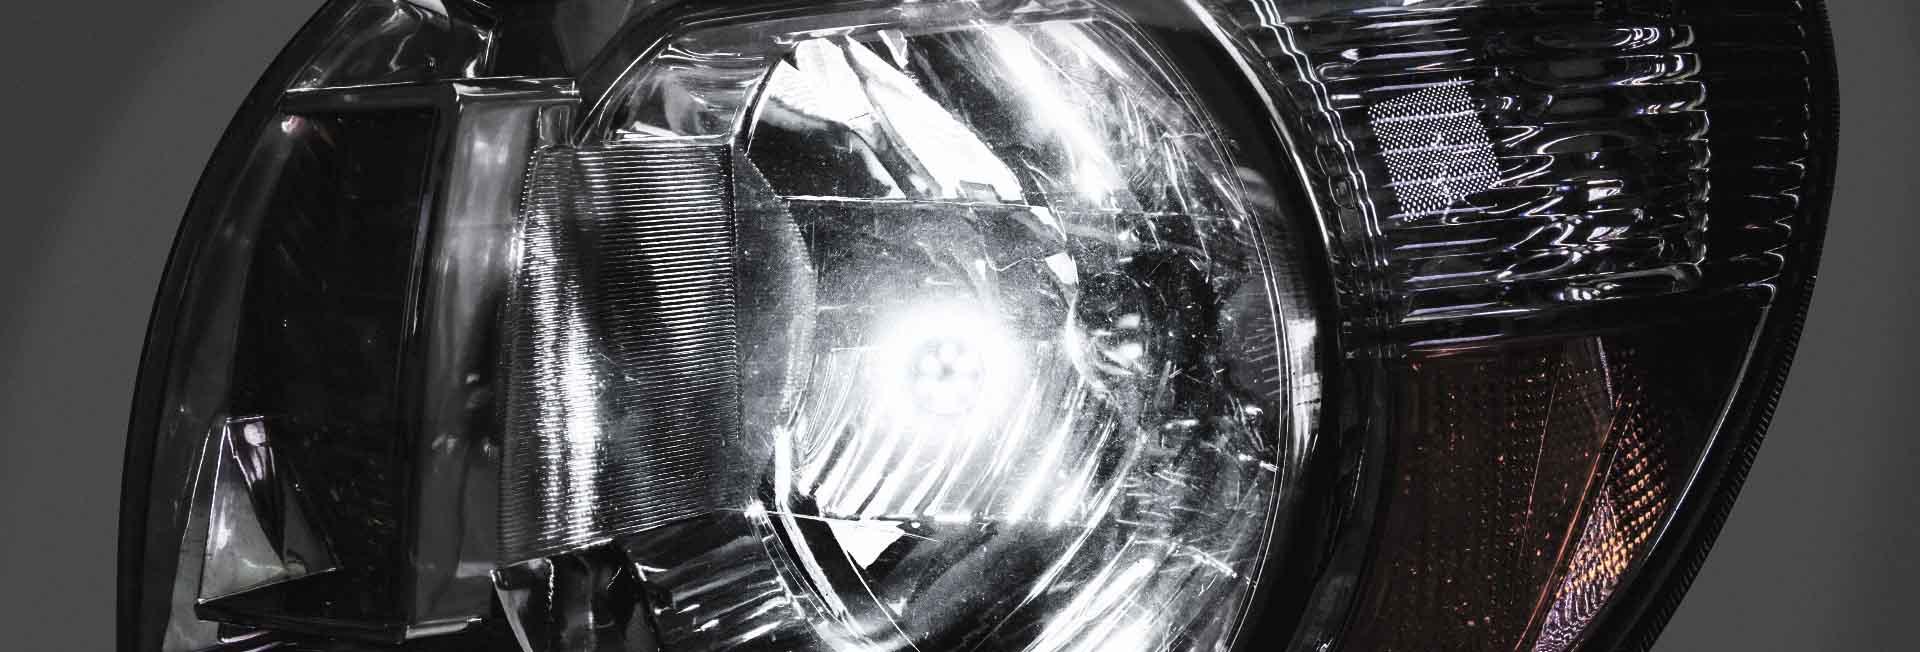 Hideaway Strobe Lights